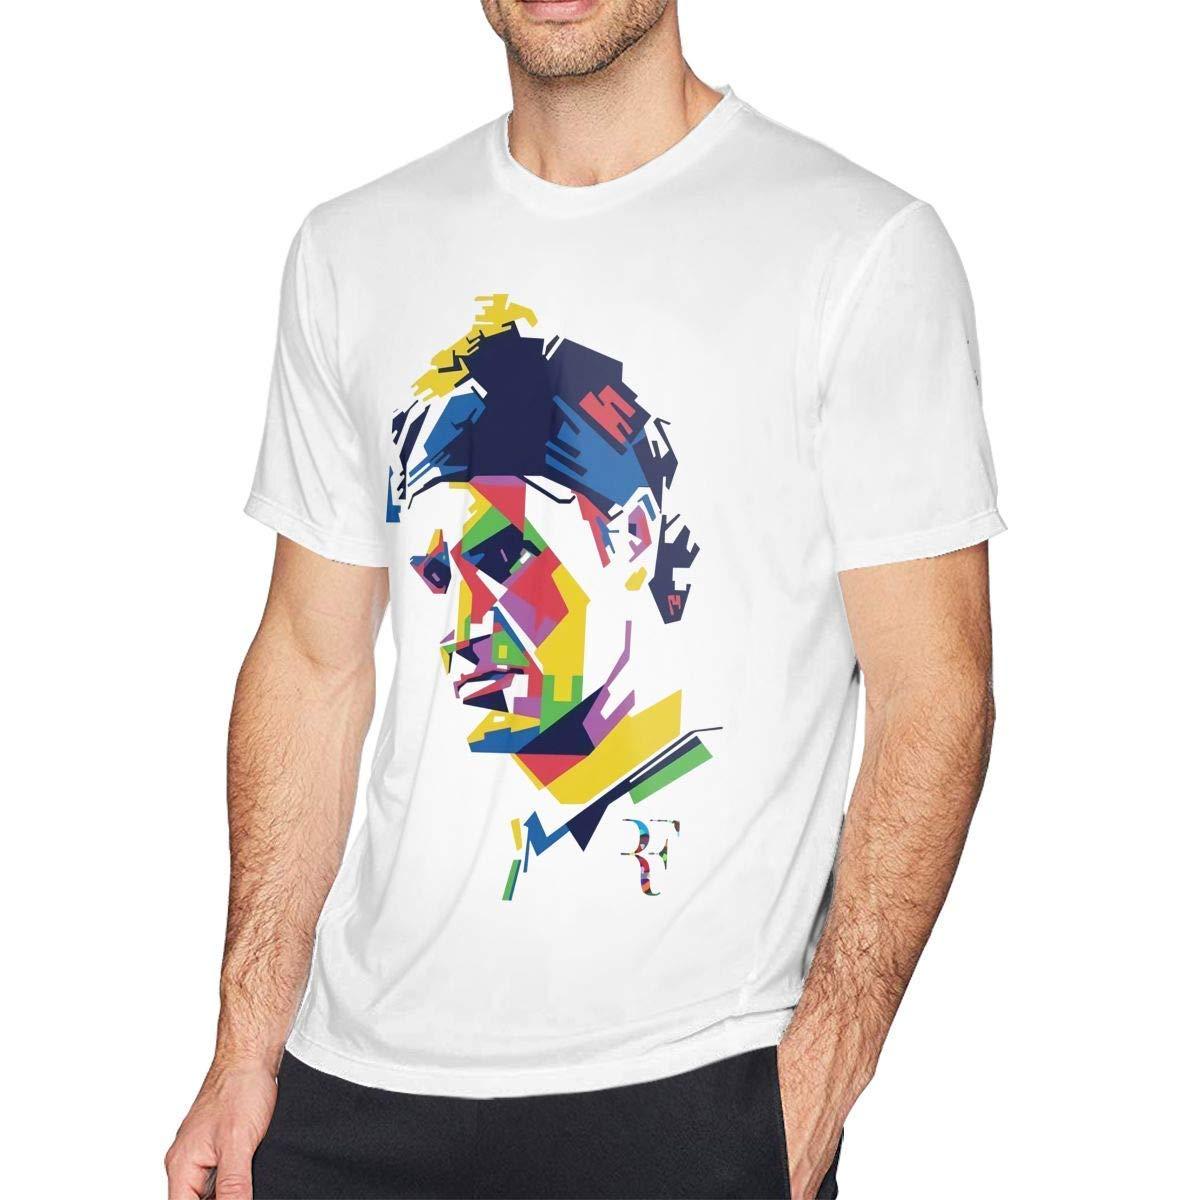 PEGGYNCO Mens Classic Roger Federer Tee White